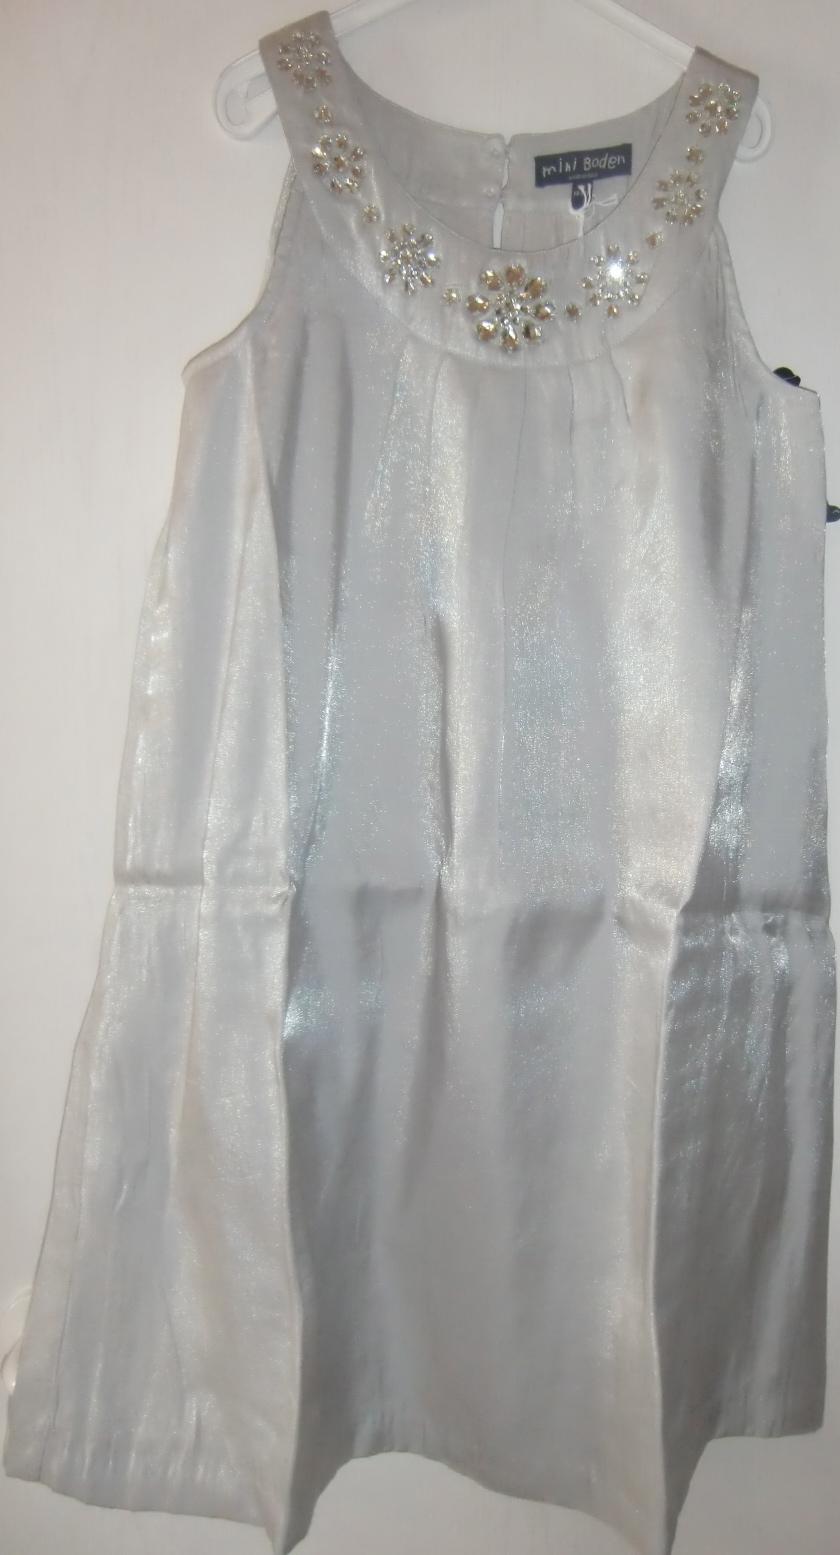 mini boden partykleid festliches kleid in grau mit glitzersteinen gr 13 14 yrs ca 158 164. Black Bedroom Furniture Sets. Home Design Ideas